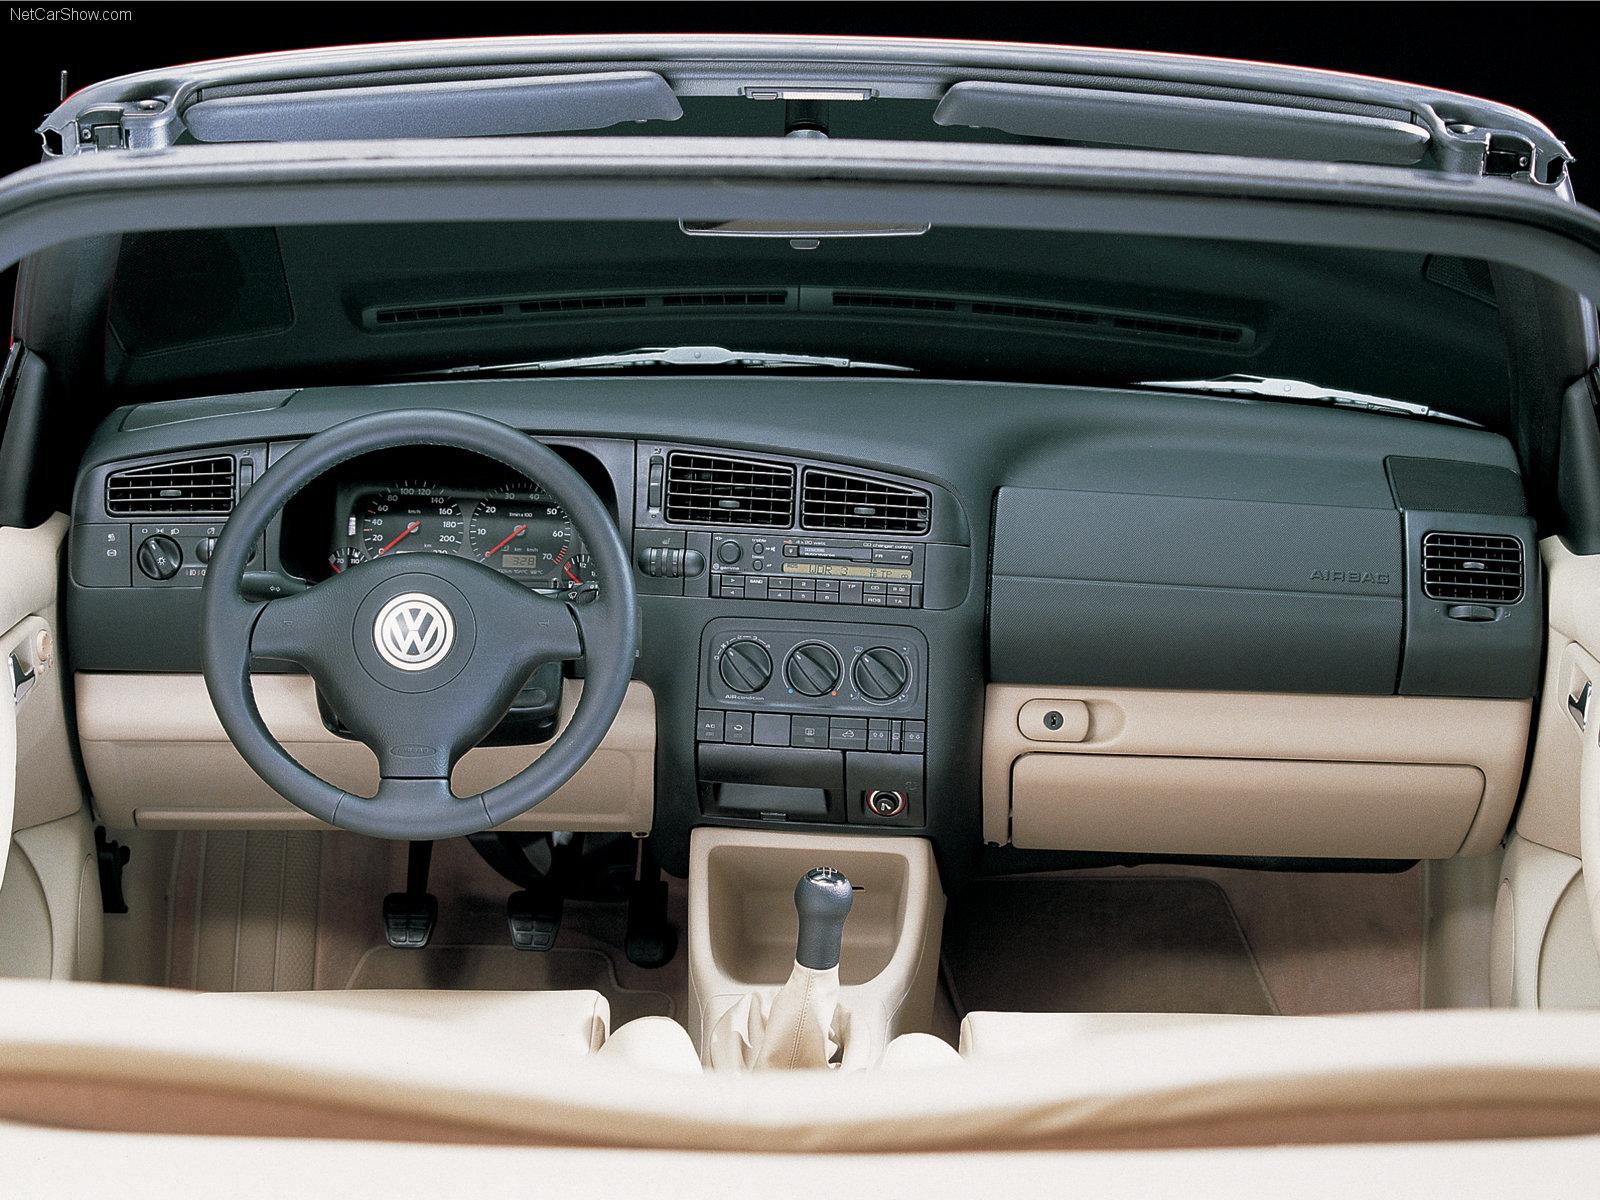 Volvo V70 Cabrio >> Service manual [Remove Center Console 1998 Volkswagen Cabriolet] - 1993 Volkswagen Cabriolet ...